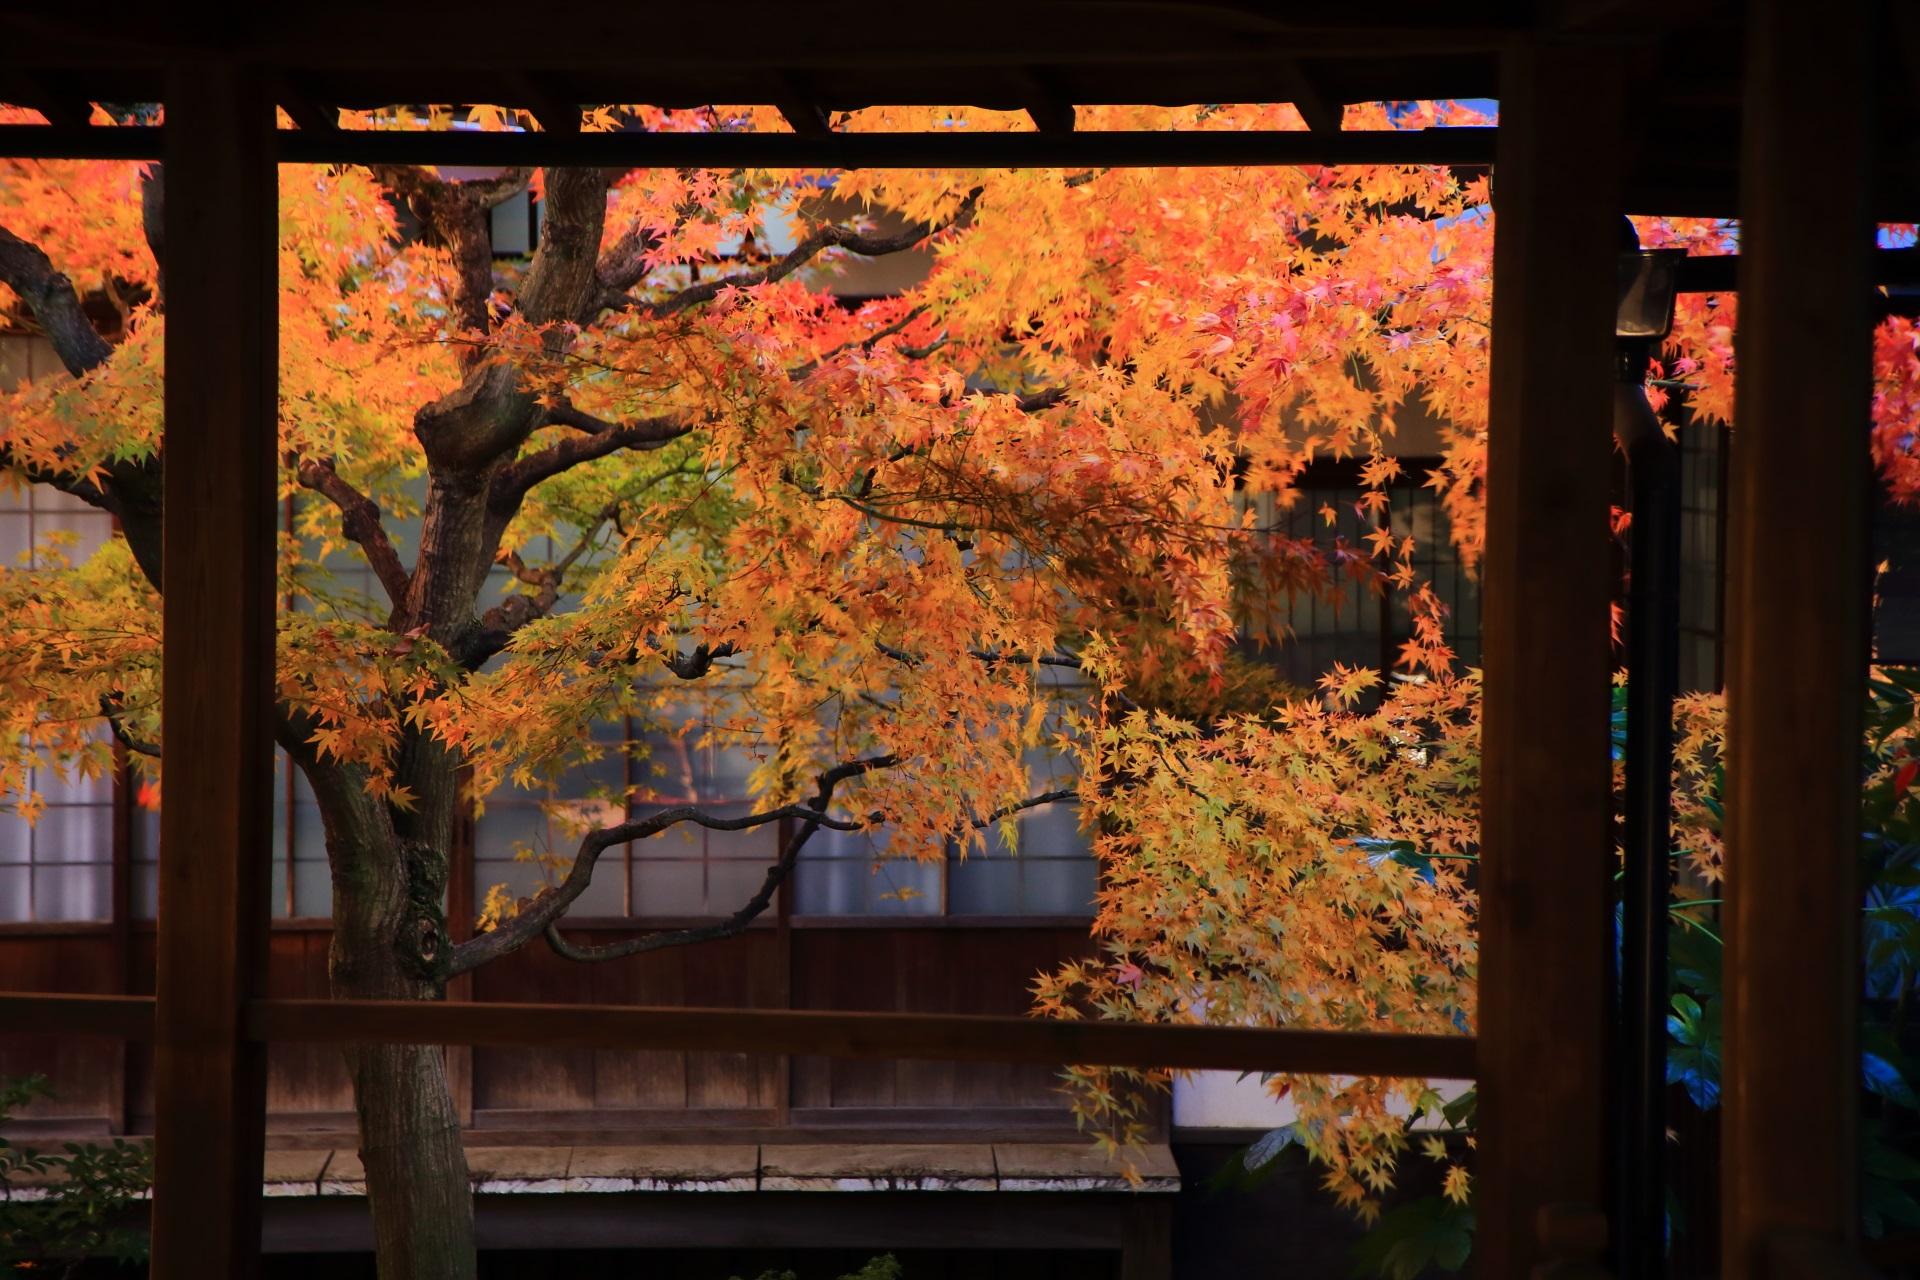 本法寺の溢れる鮮やかなオレンジ色の紅葉